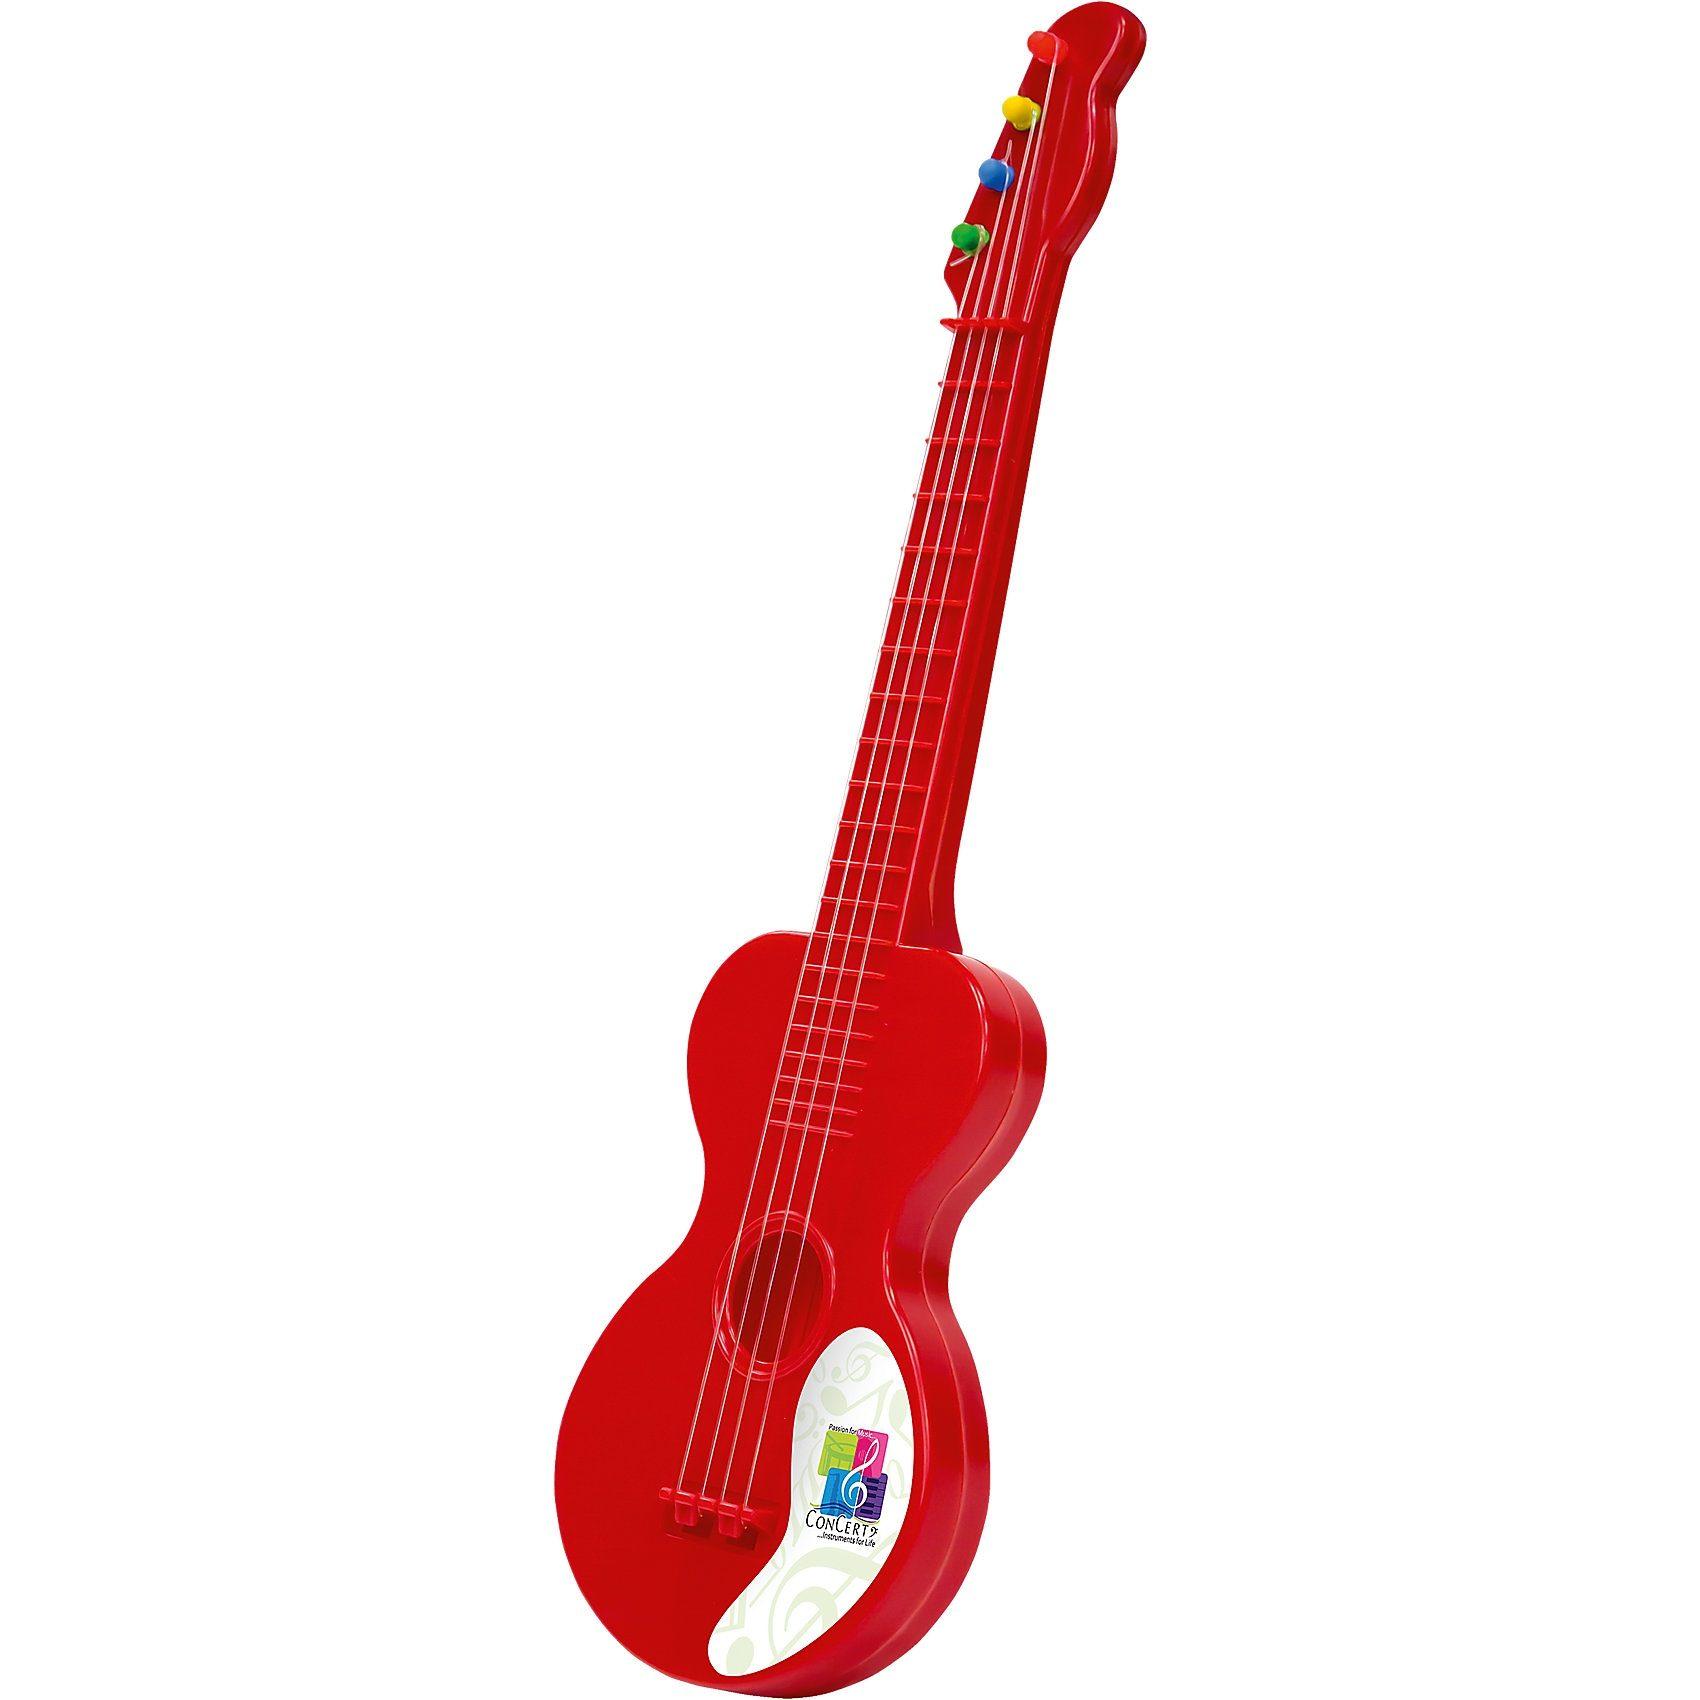 Gitarre Concerto rot Kunststoff, 40 cm